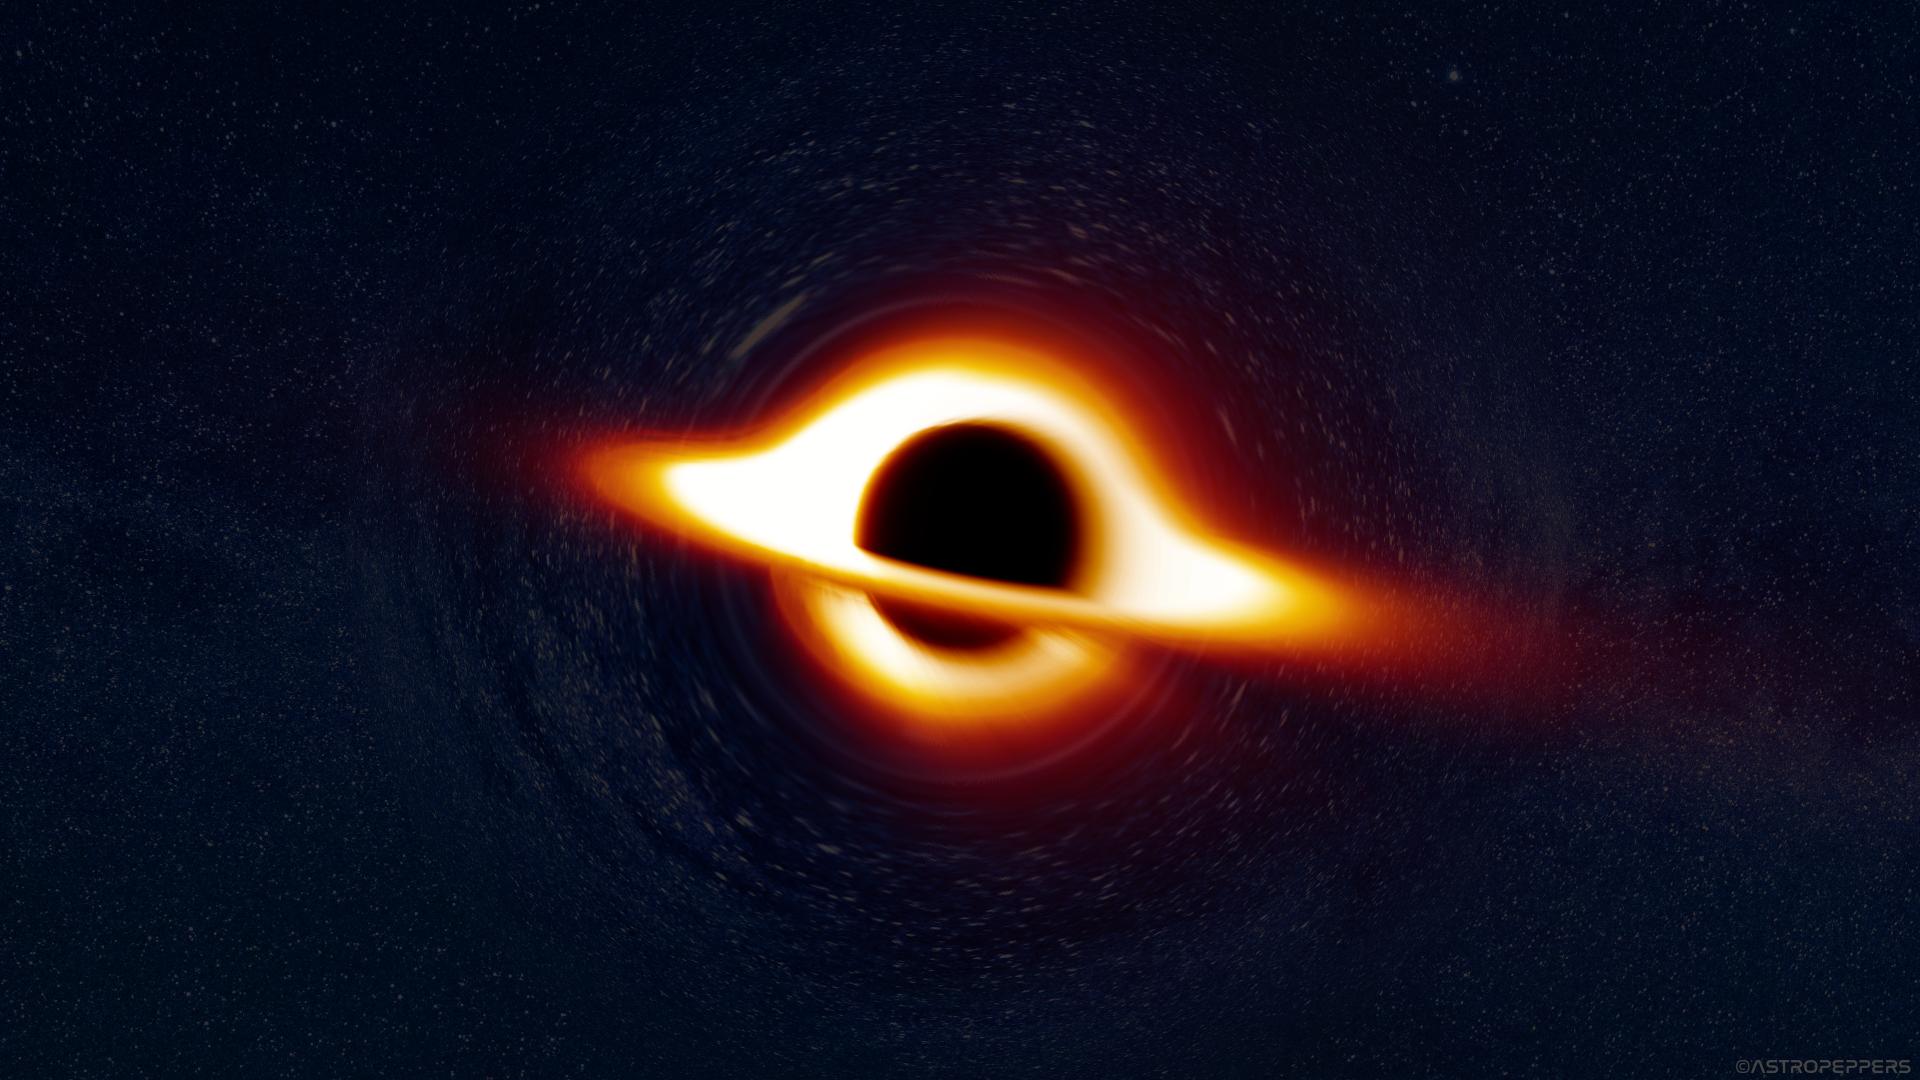 General 1920x1080 space black holes supermassive black hole Interstellar (movie) space art